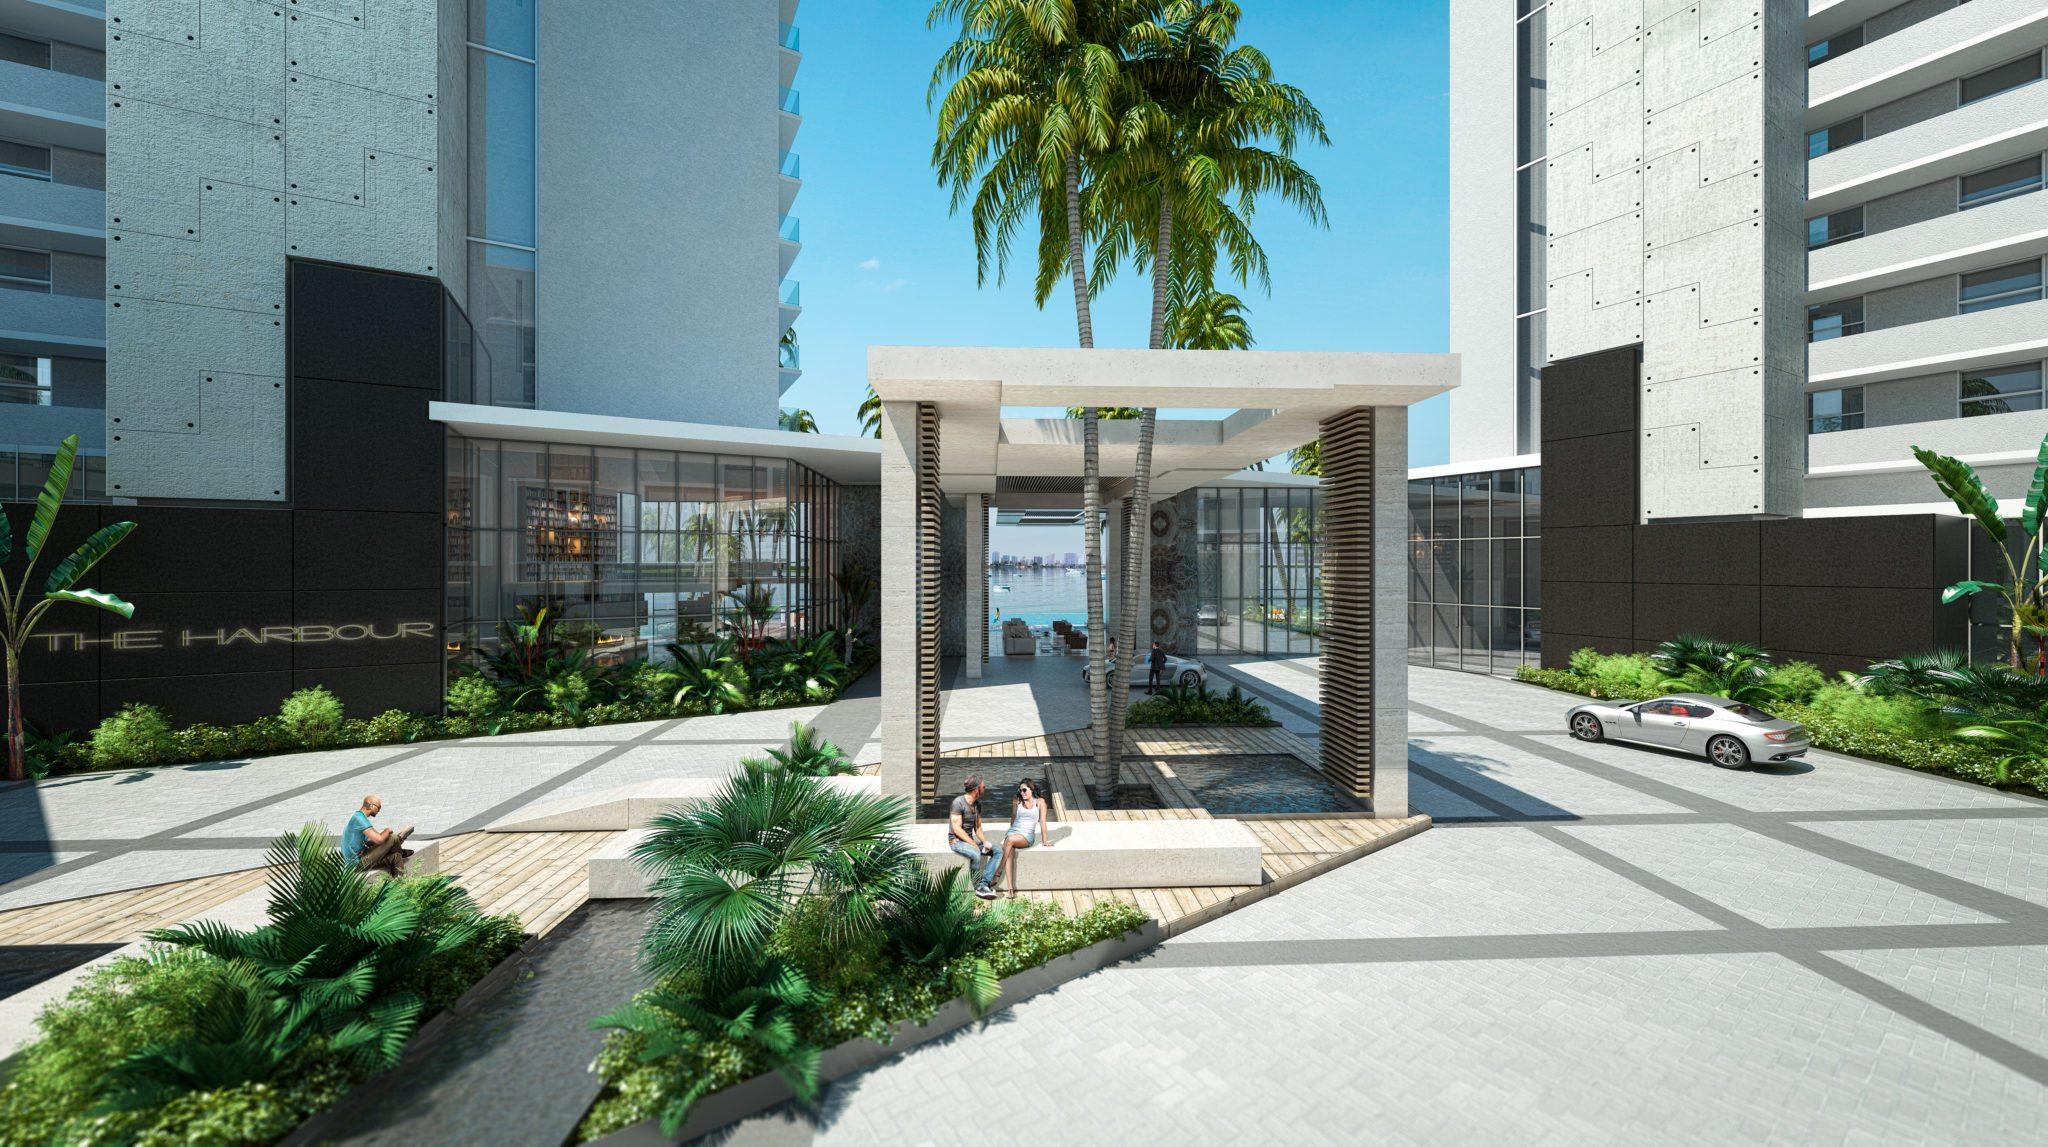 The Harbour Condo Miami Beach | Lux Life Miami Blog